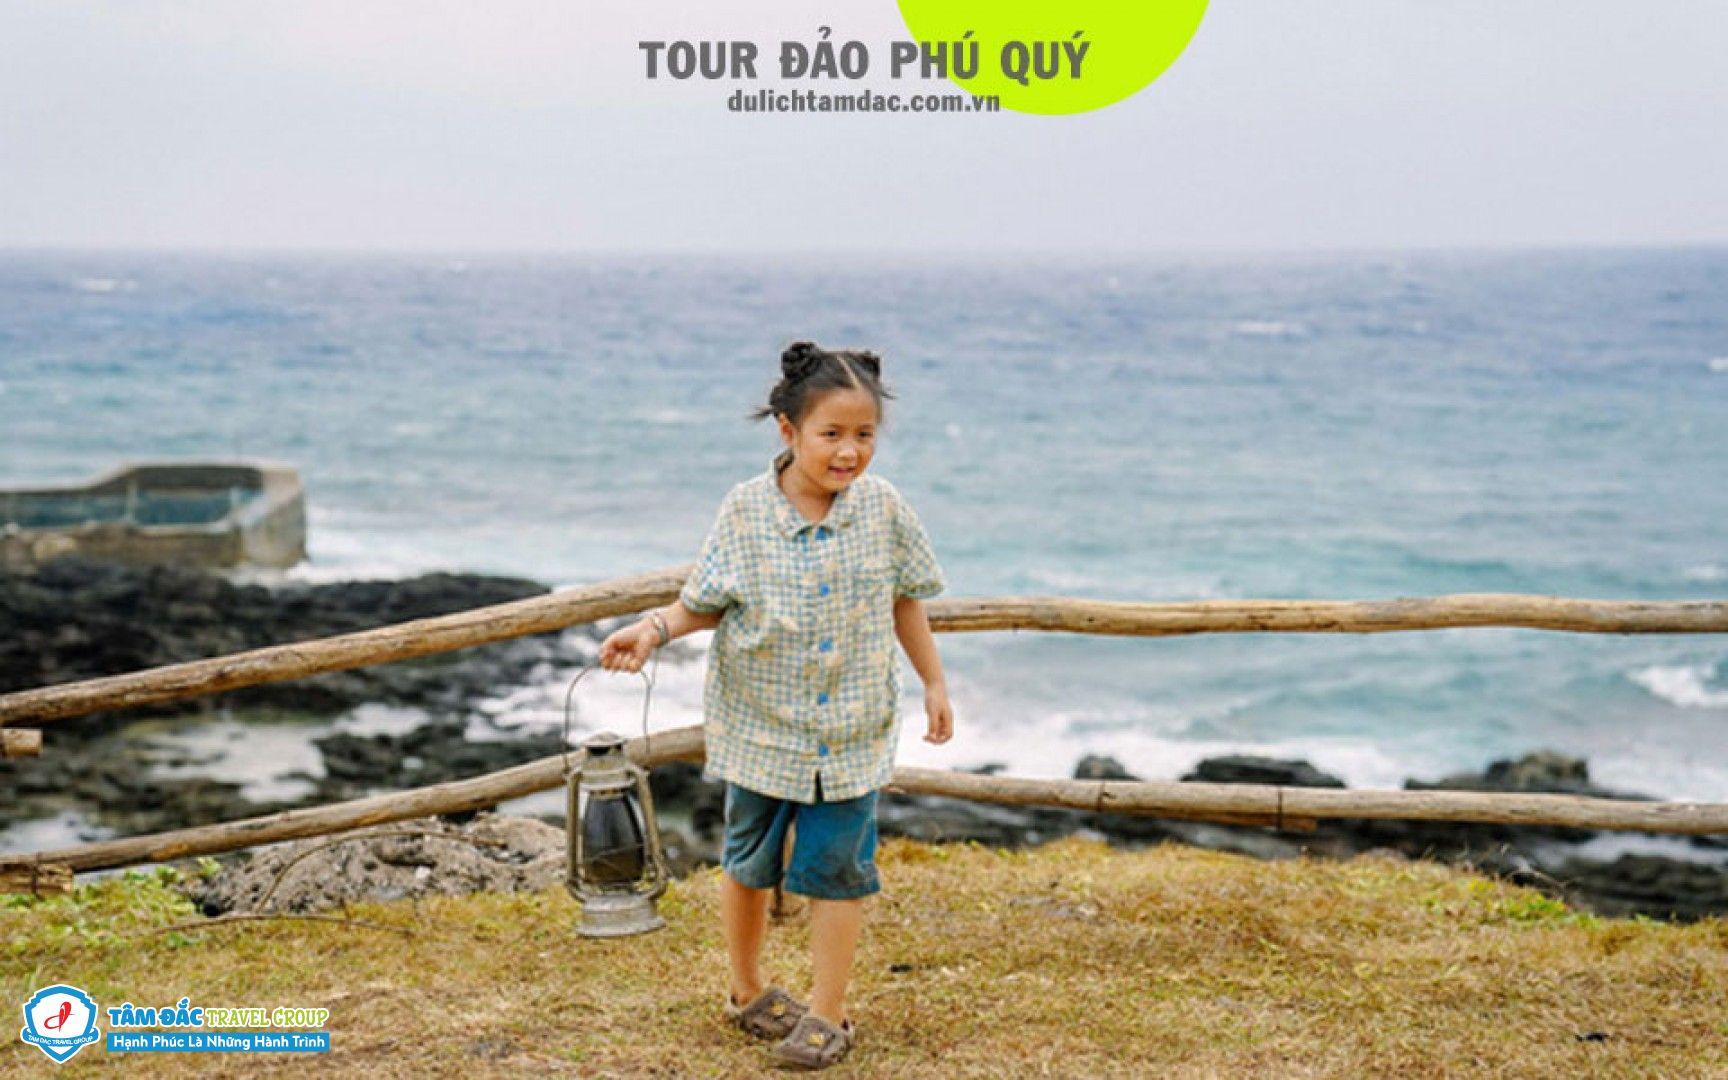 Du lịch Đảo Phú Quý 3N2Đ - Giá chỉ từ 2Tr - Tâm Đắc Travel Group